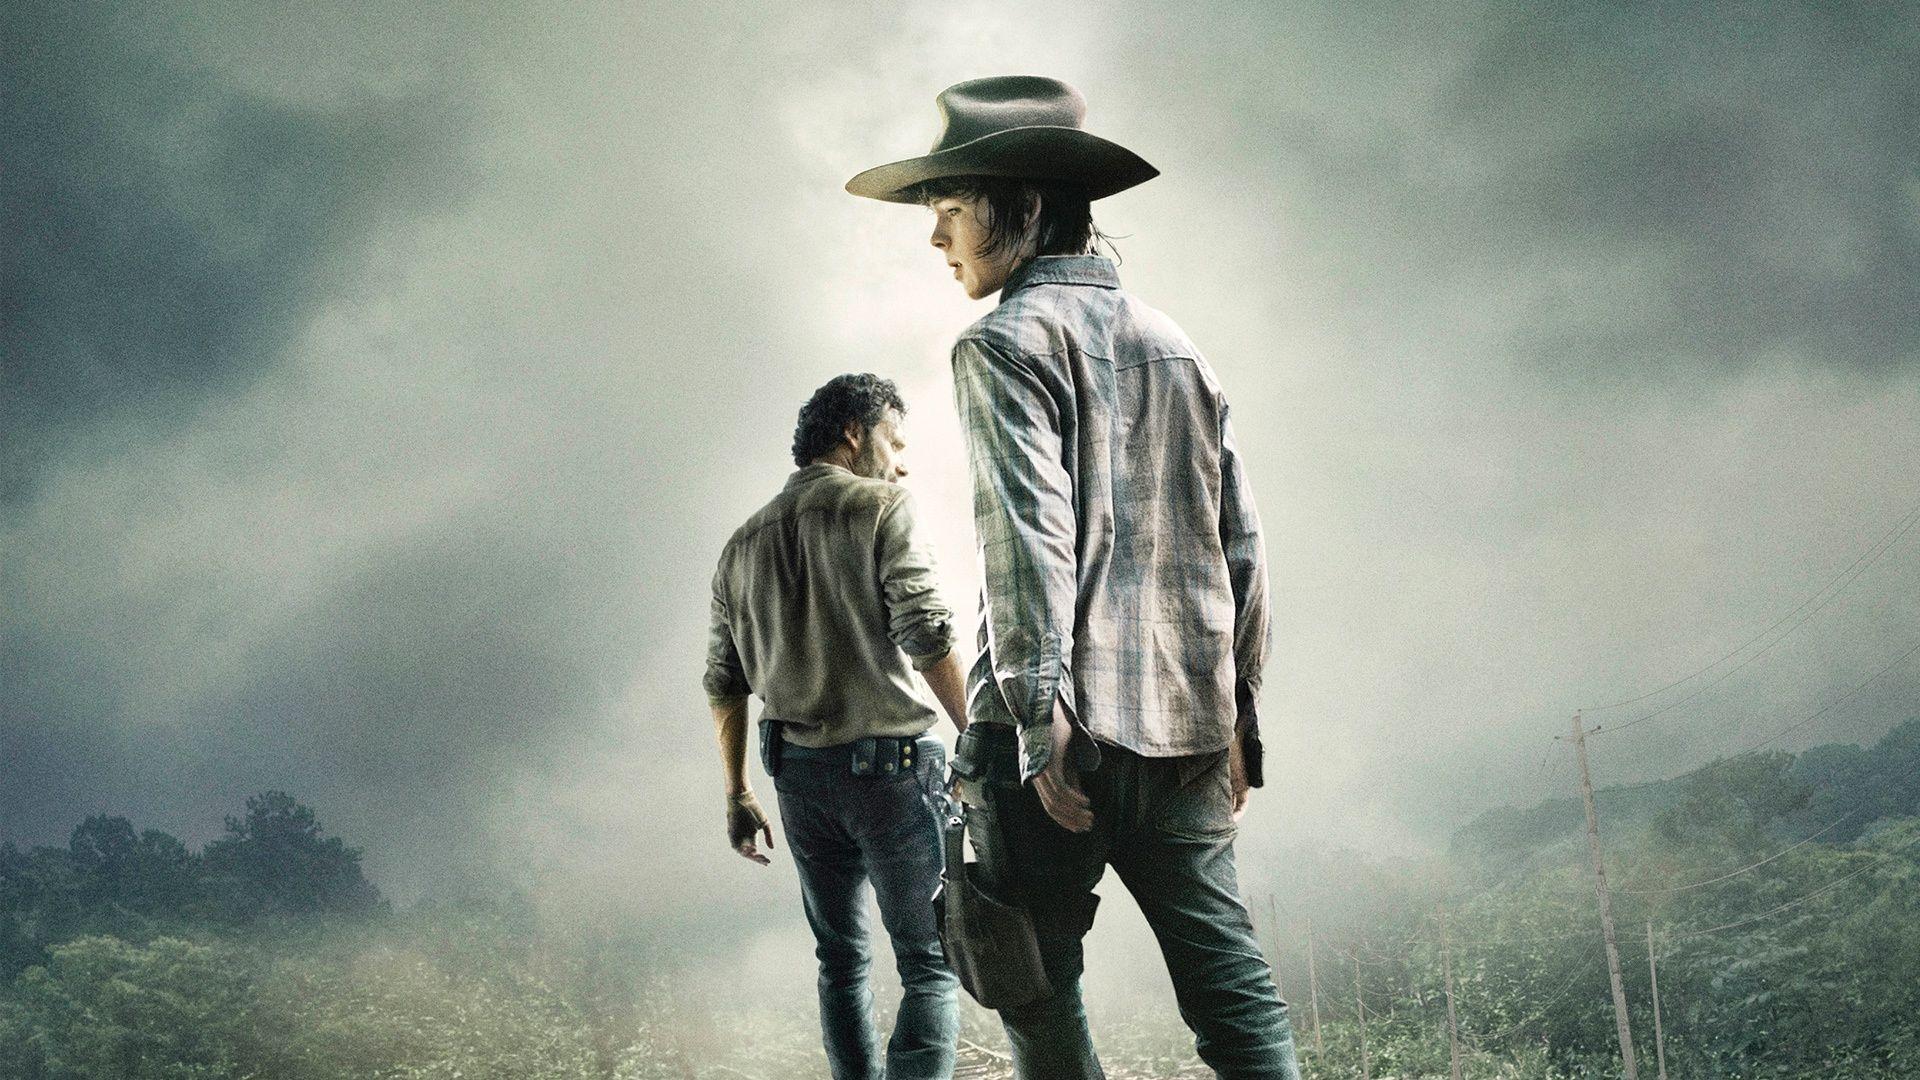 The Walking Dead Season 8 Wallpapers Wallpaper Cave